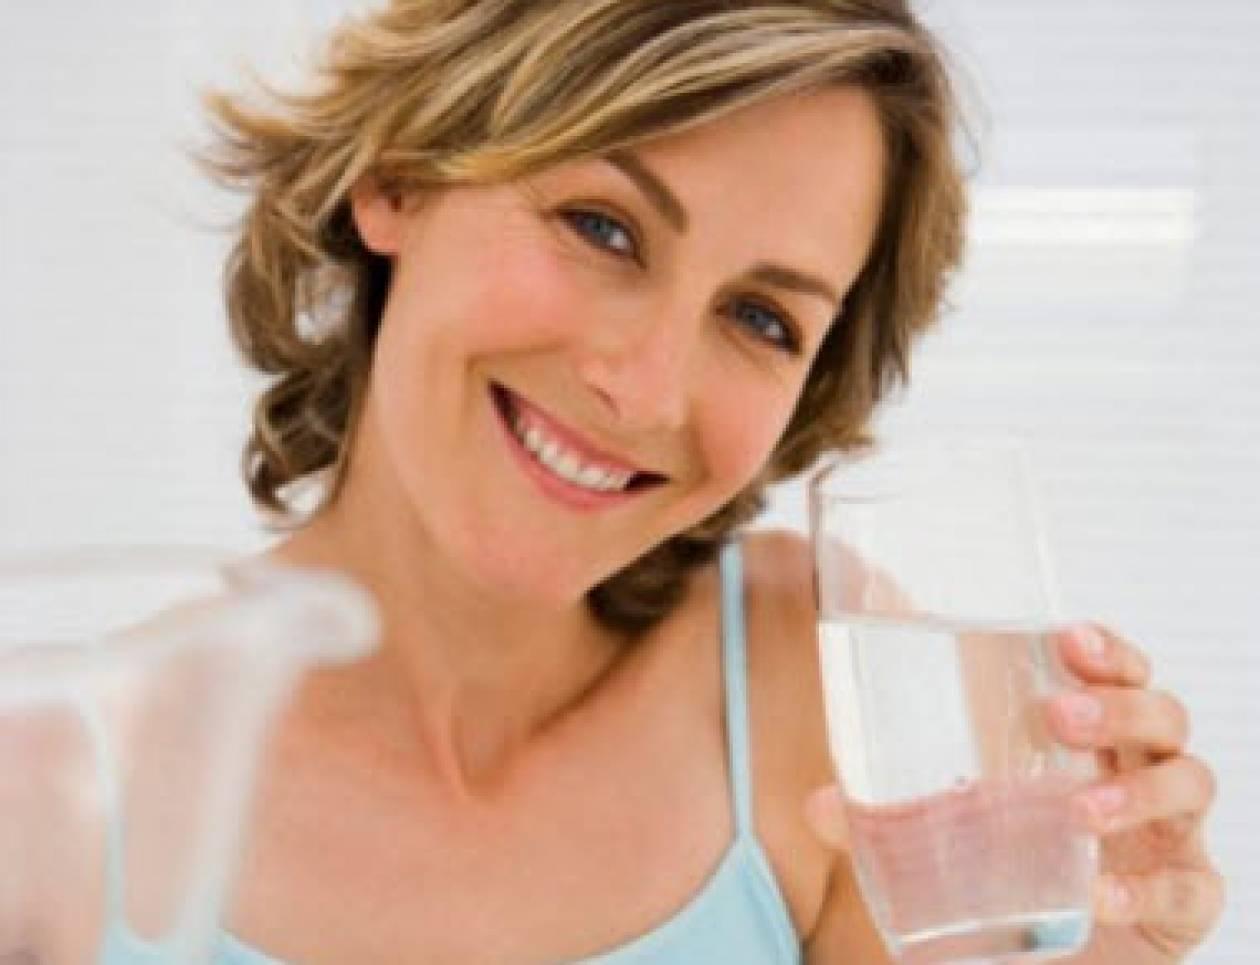 22 Μαρτίου: Παγκόσμια Ημέρα Νερού